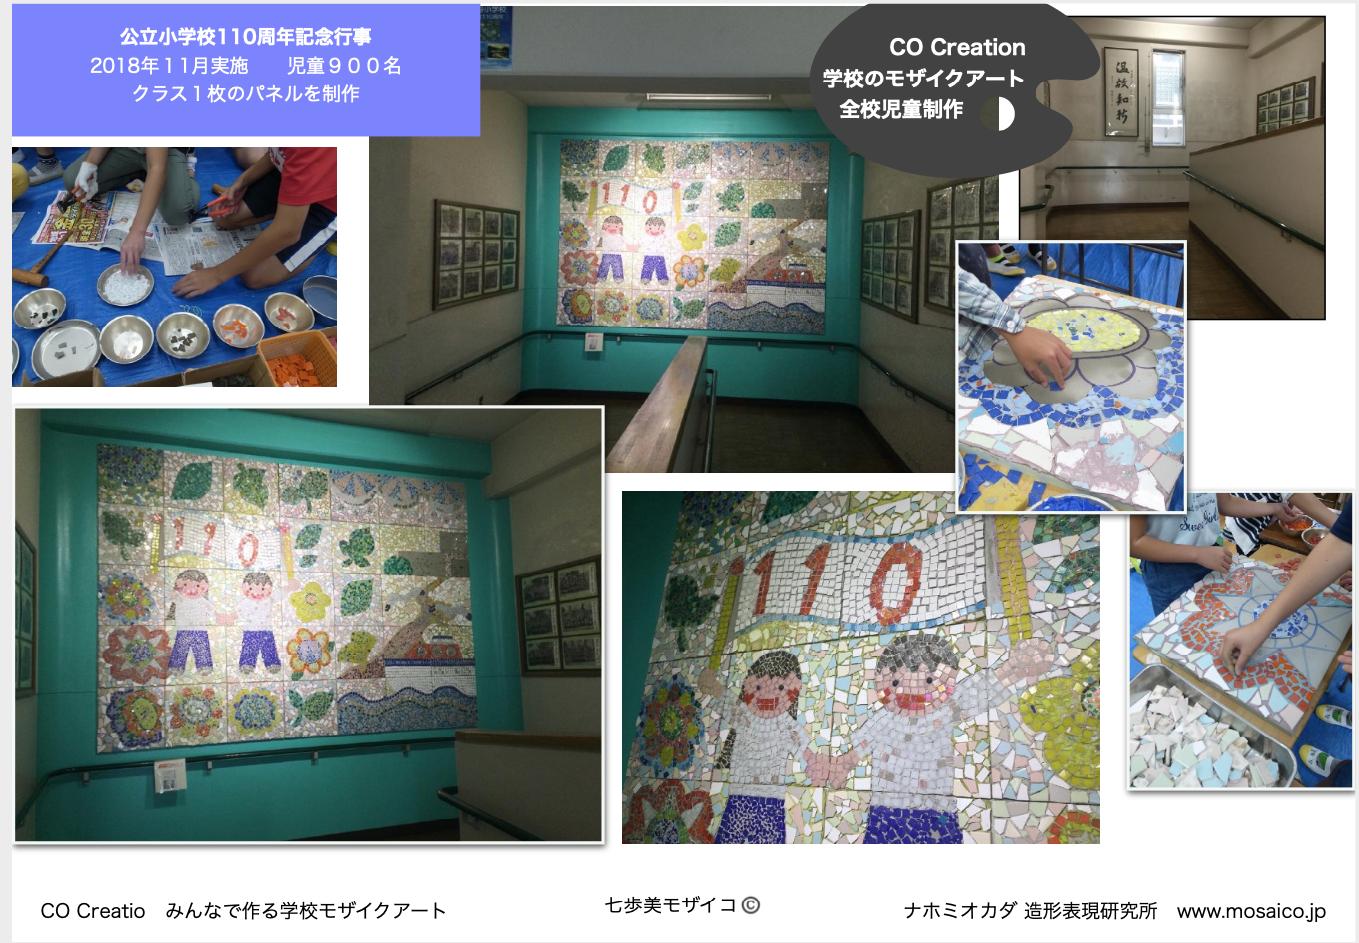 七歩美モザイコ ダウンロード資料 学校モザイクアート2018年公立小学校110周年記念行事